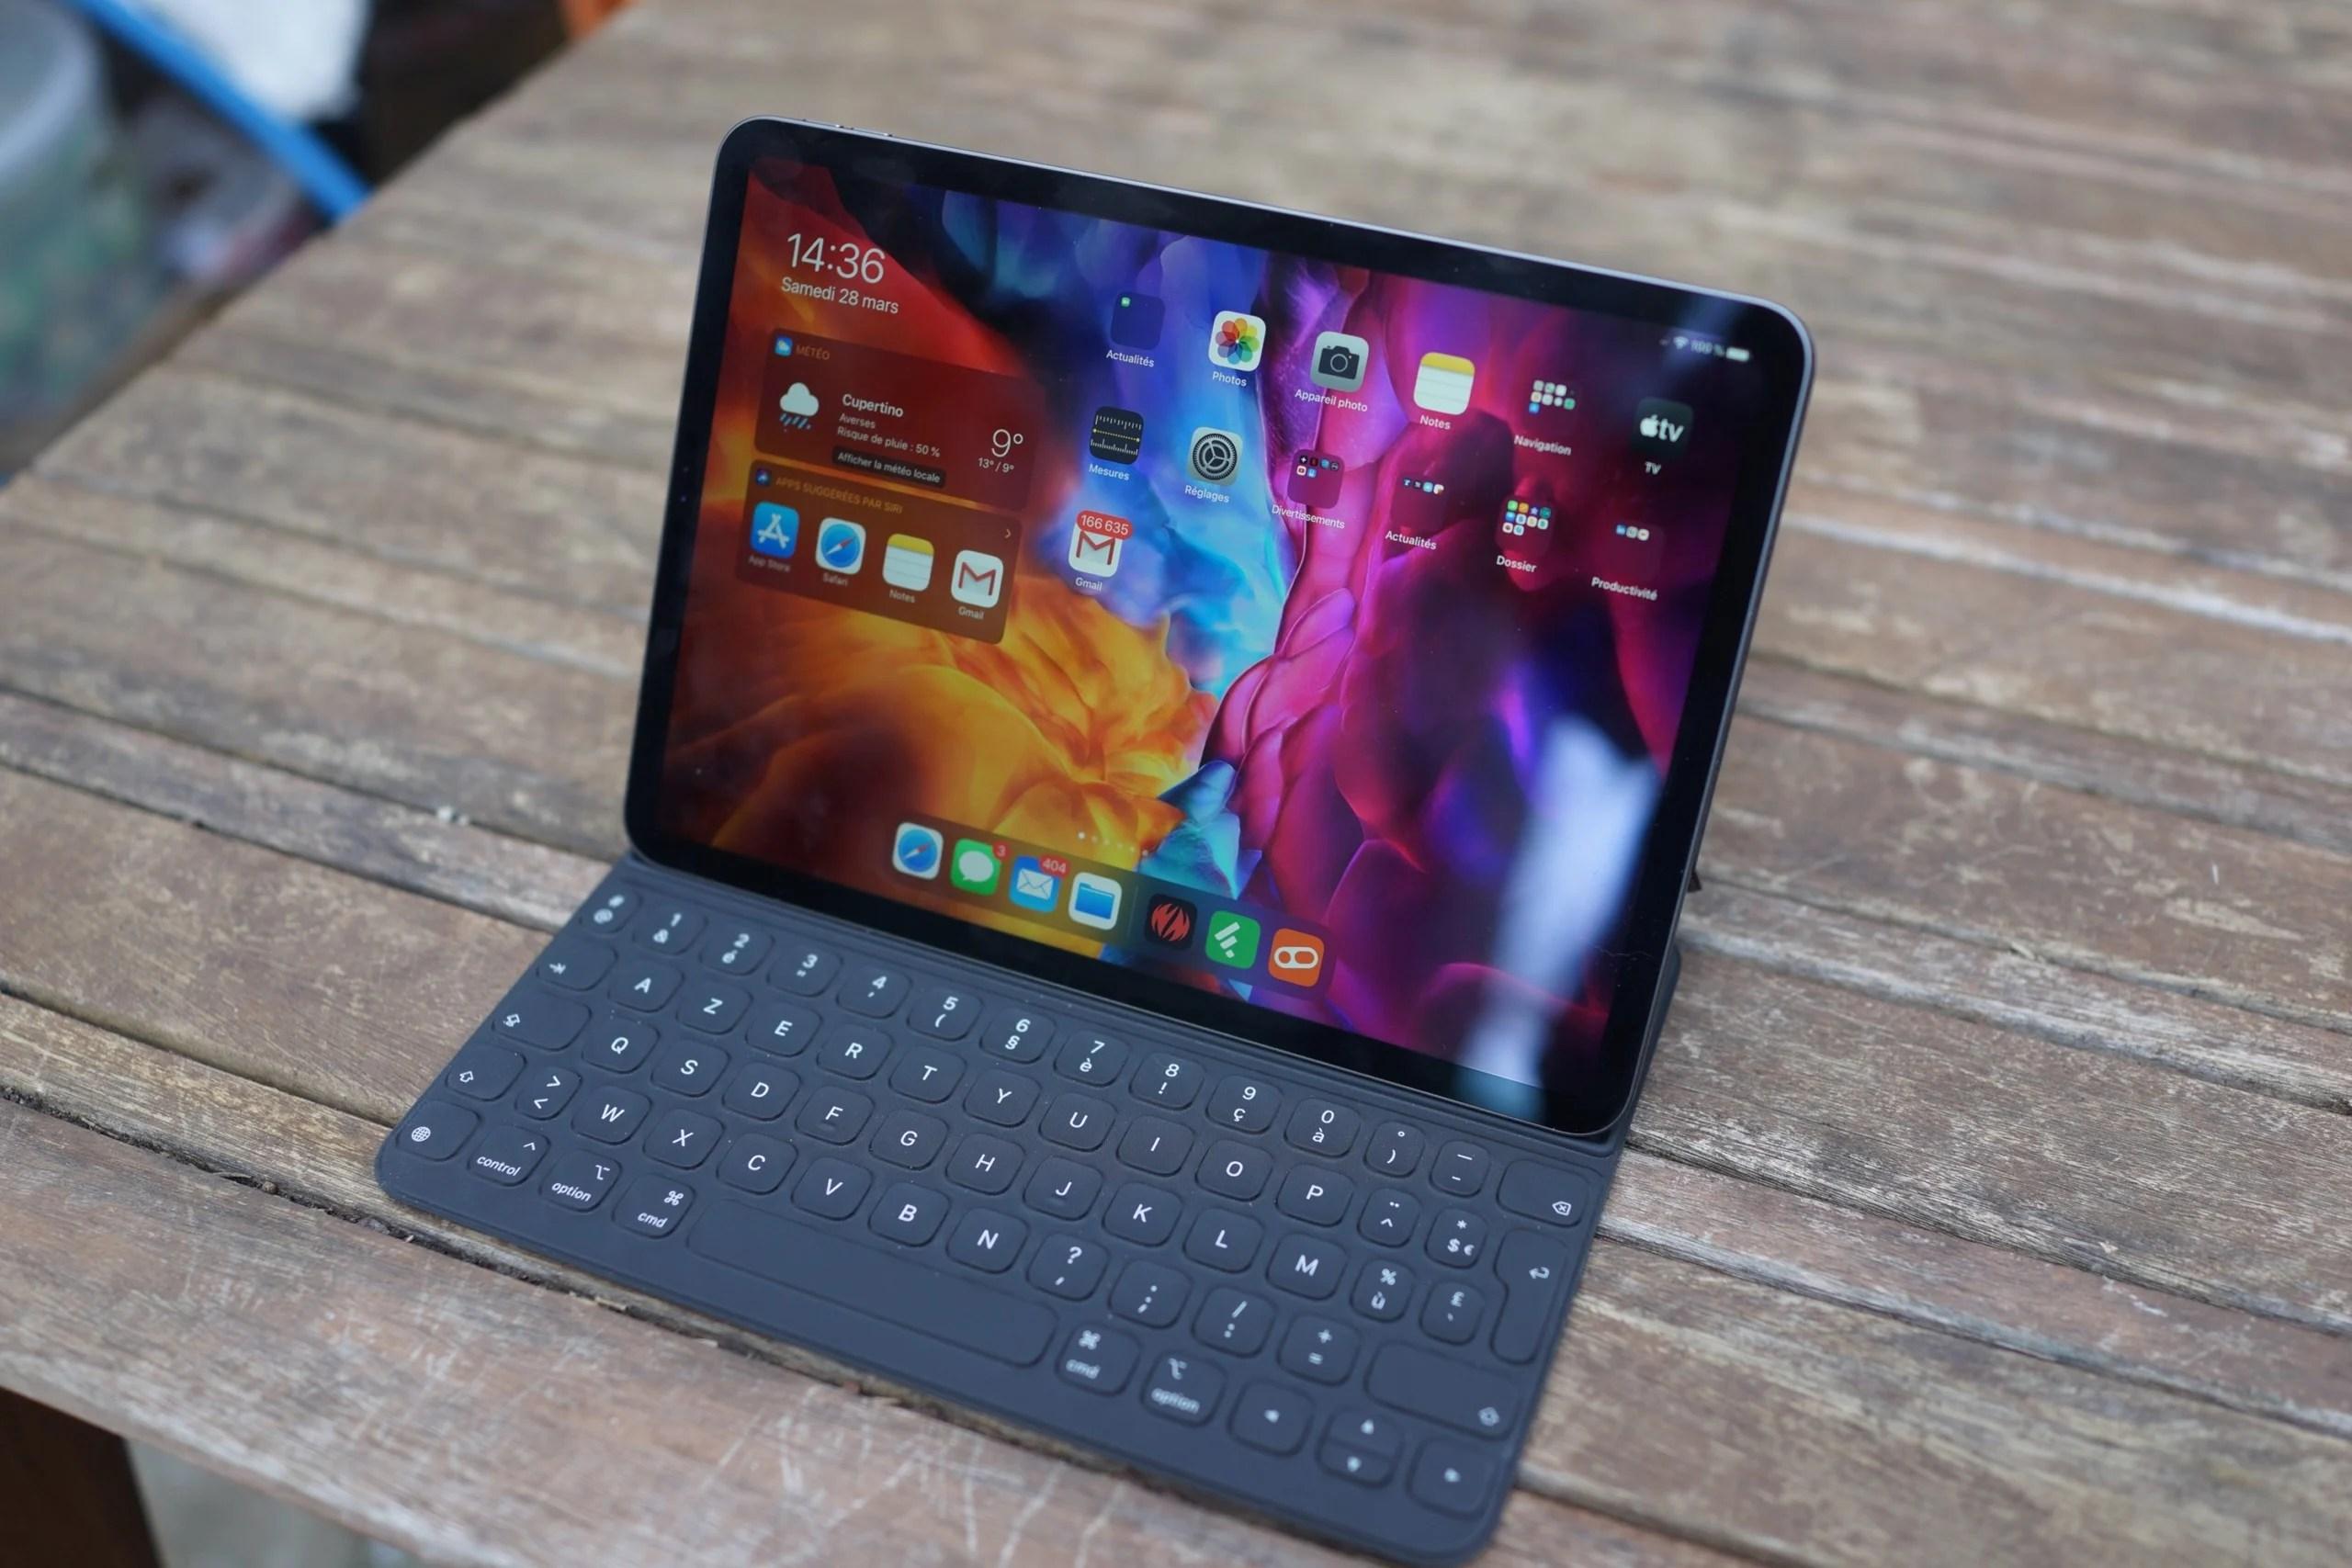 L'iPad Pro 2021 et son SoC A14X frôlerait les performances d'un Mac M1